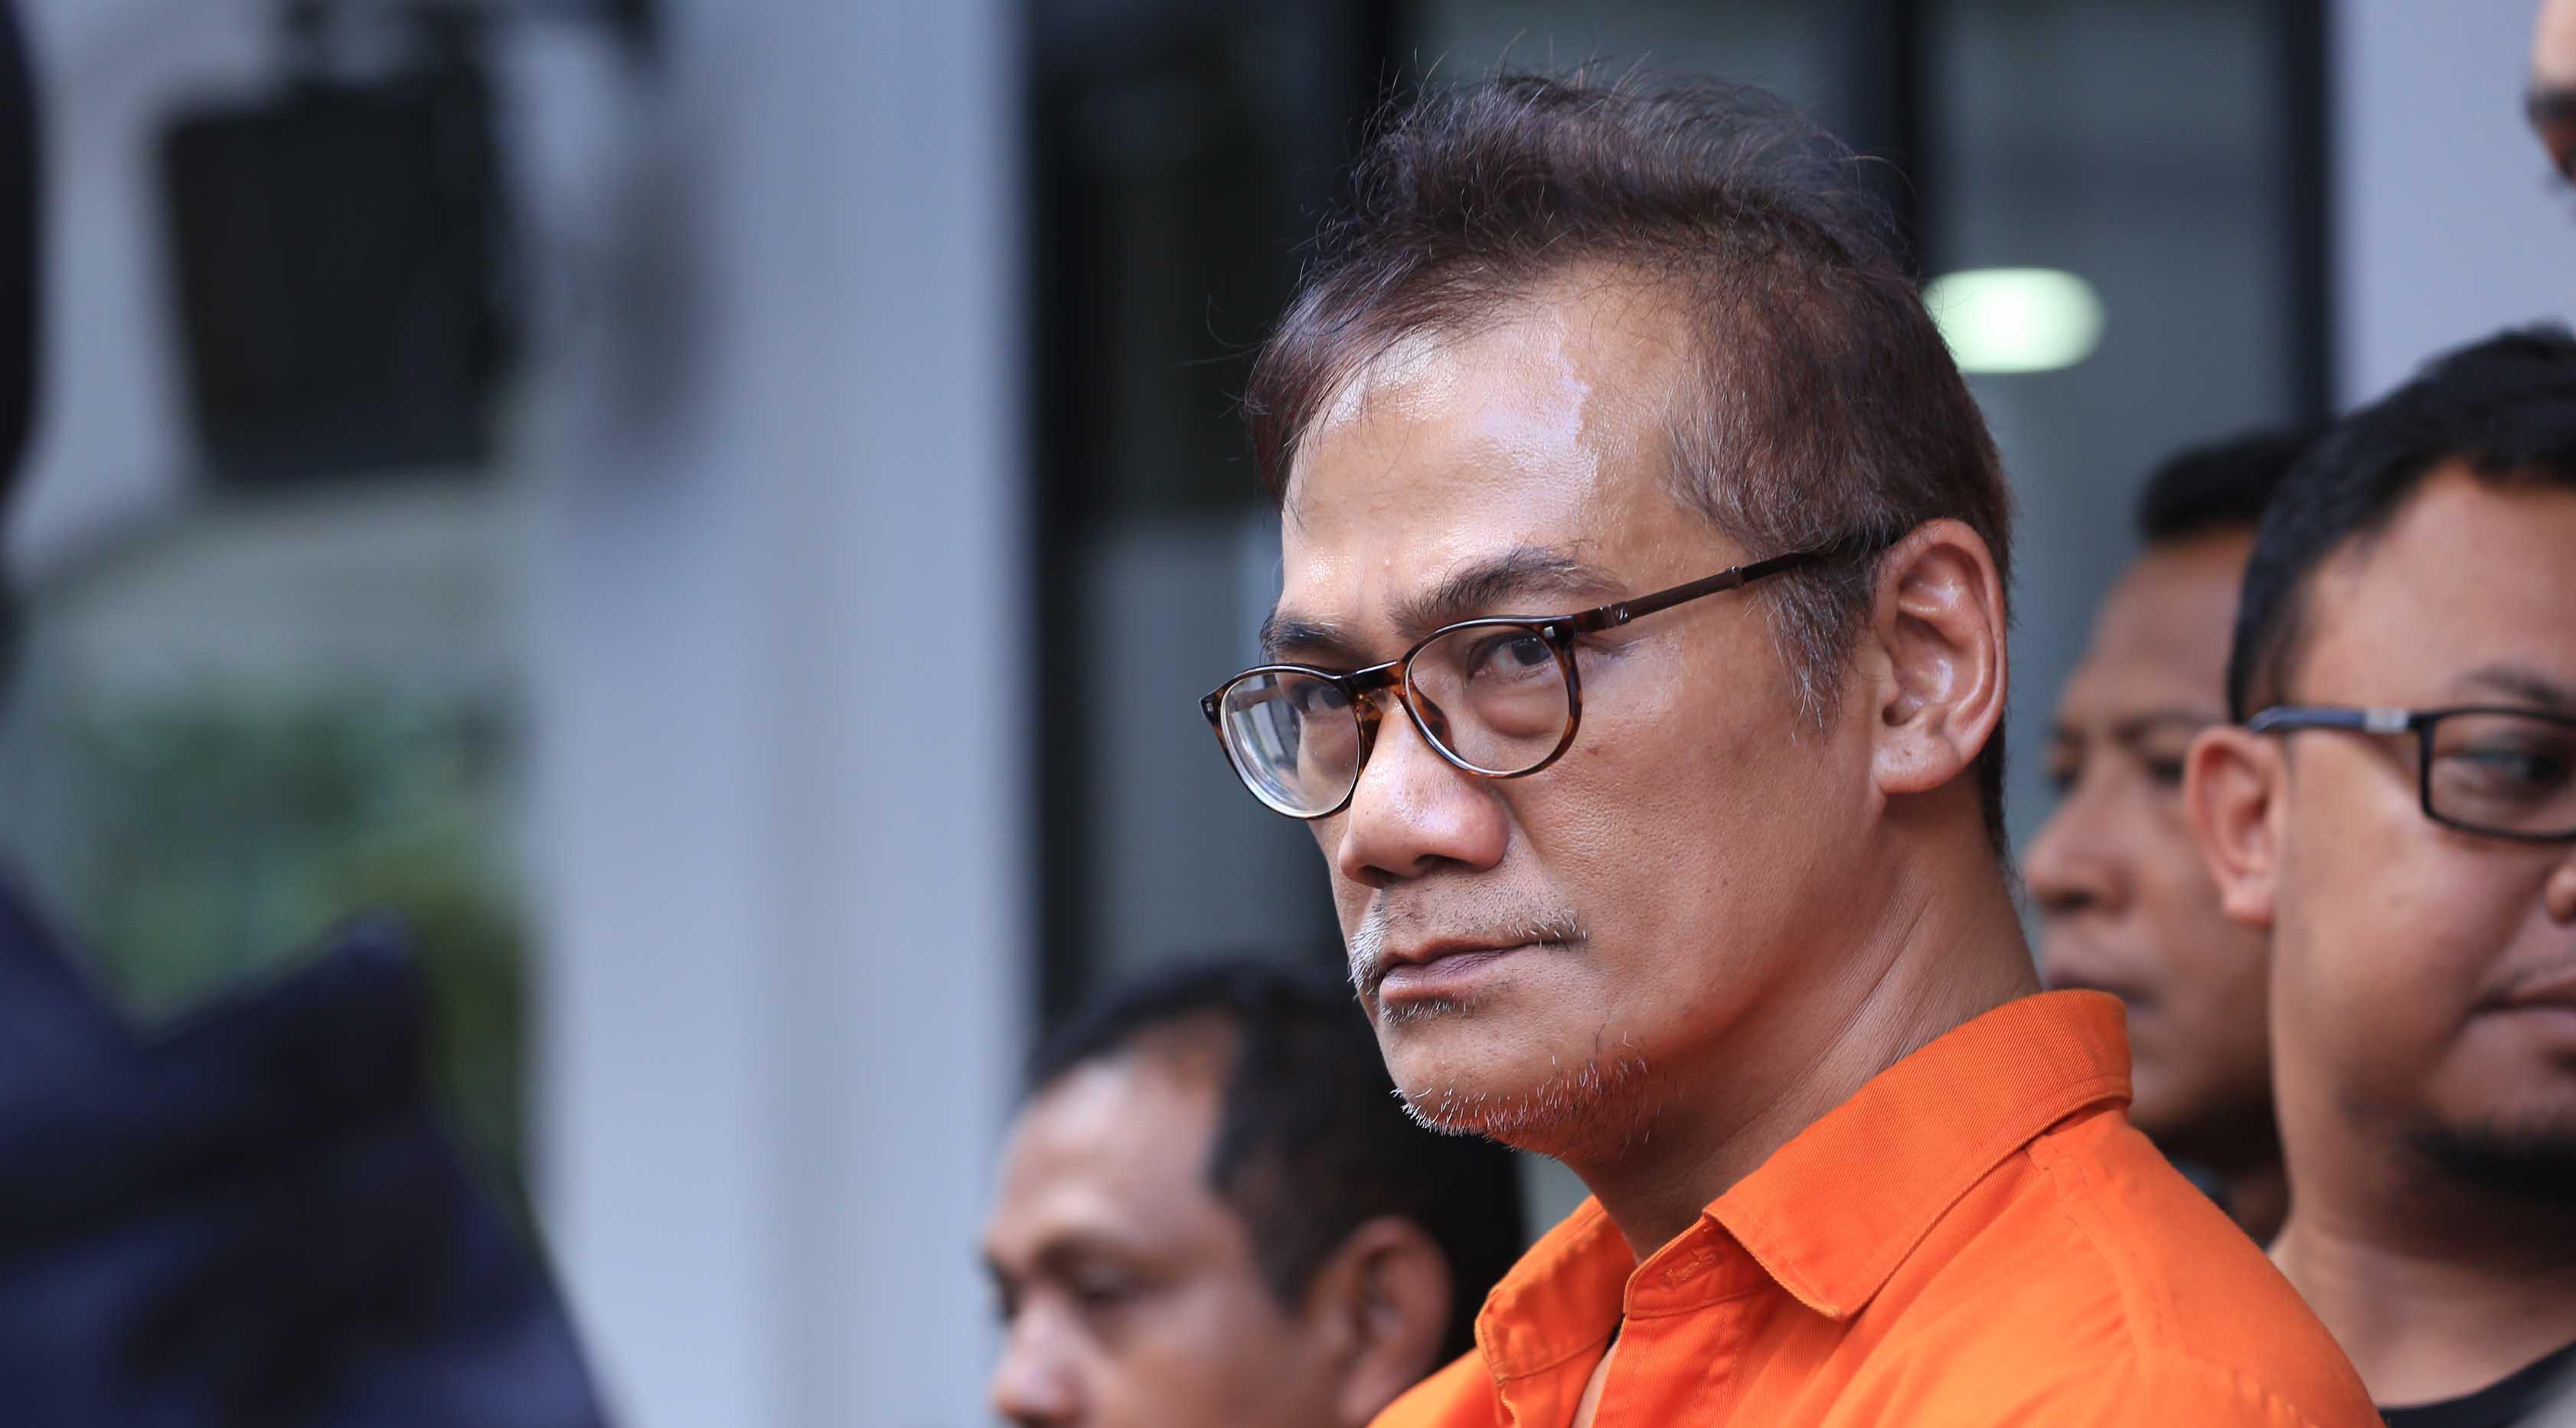 Saat menggelar konferensi pers, Tio mengaku menyesali perbuatannya. Ia juga minta kepada para pengguna untuk berhenti konsumsi narkoba. Dirinya merupakan contoh yang tidak perlu ditiru. (Deki Prayoga/Bintang.com)